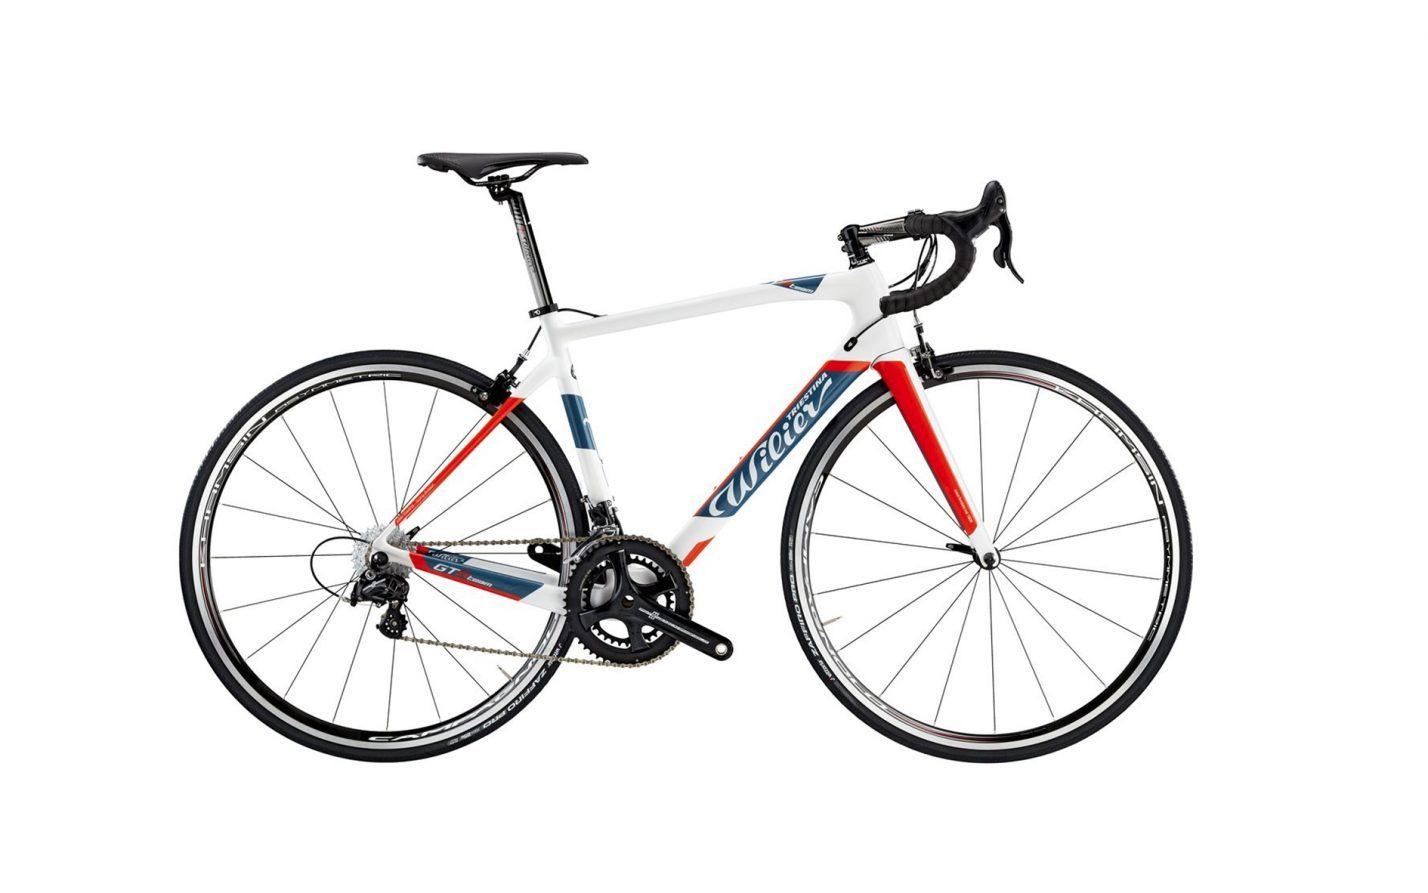 WILIER TRIESTINA GTR - Noleggio bici da corsa Pisa